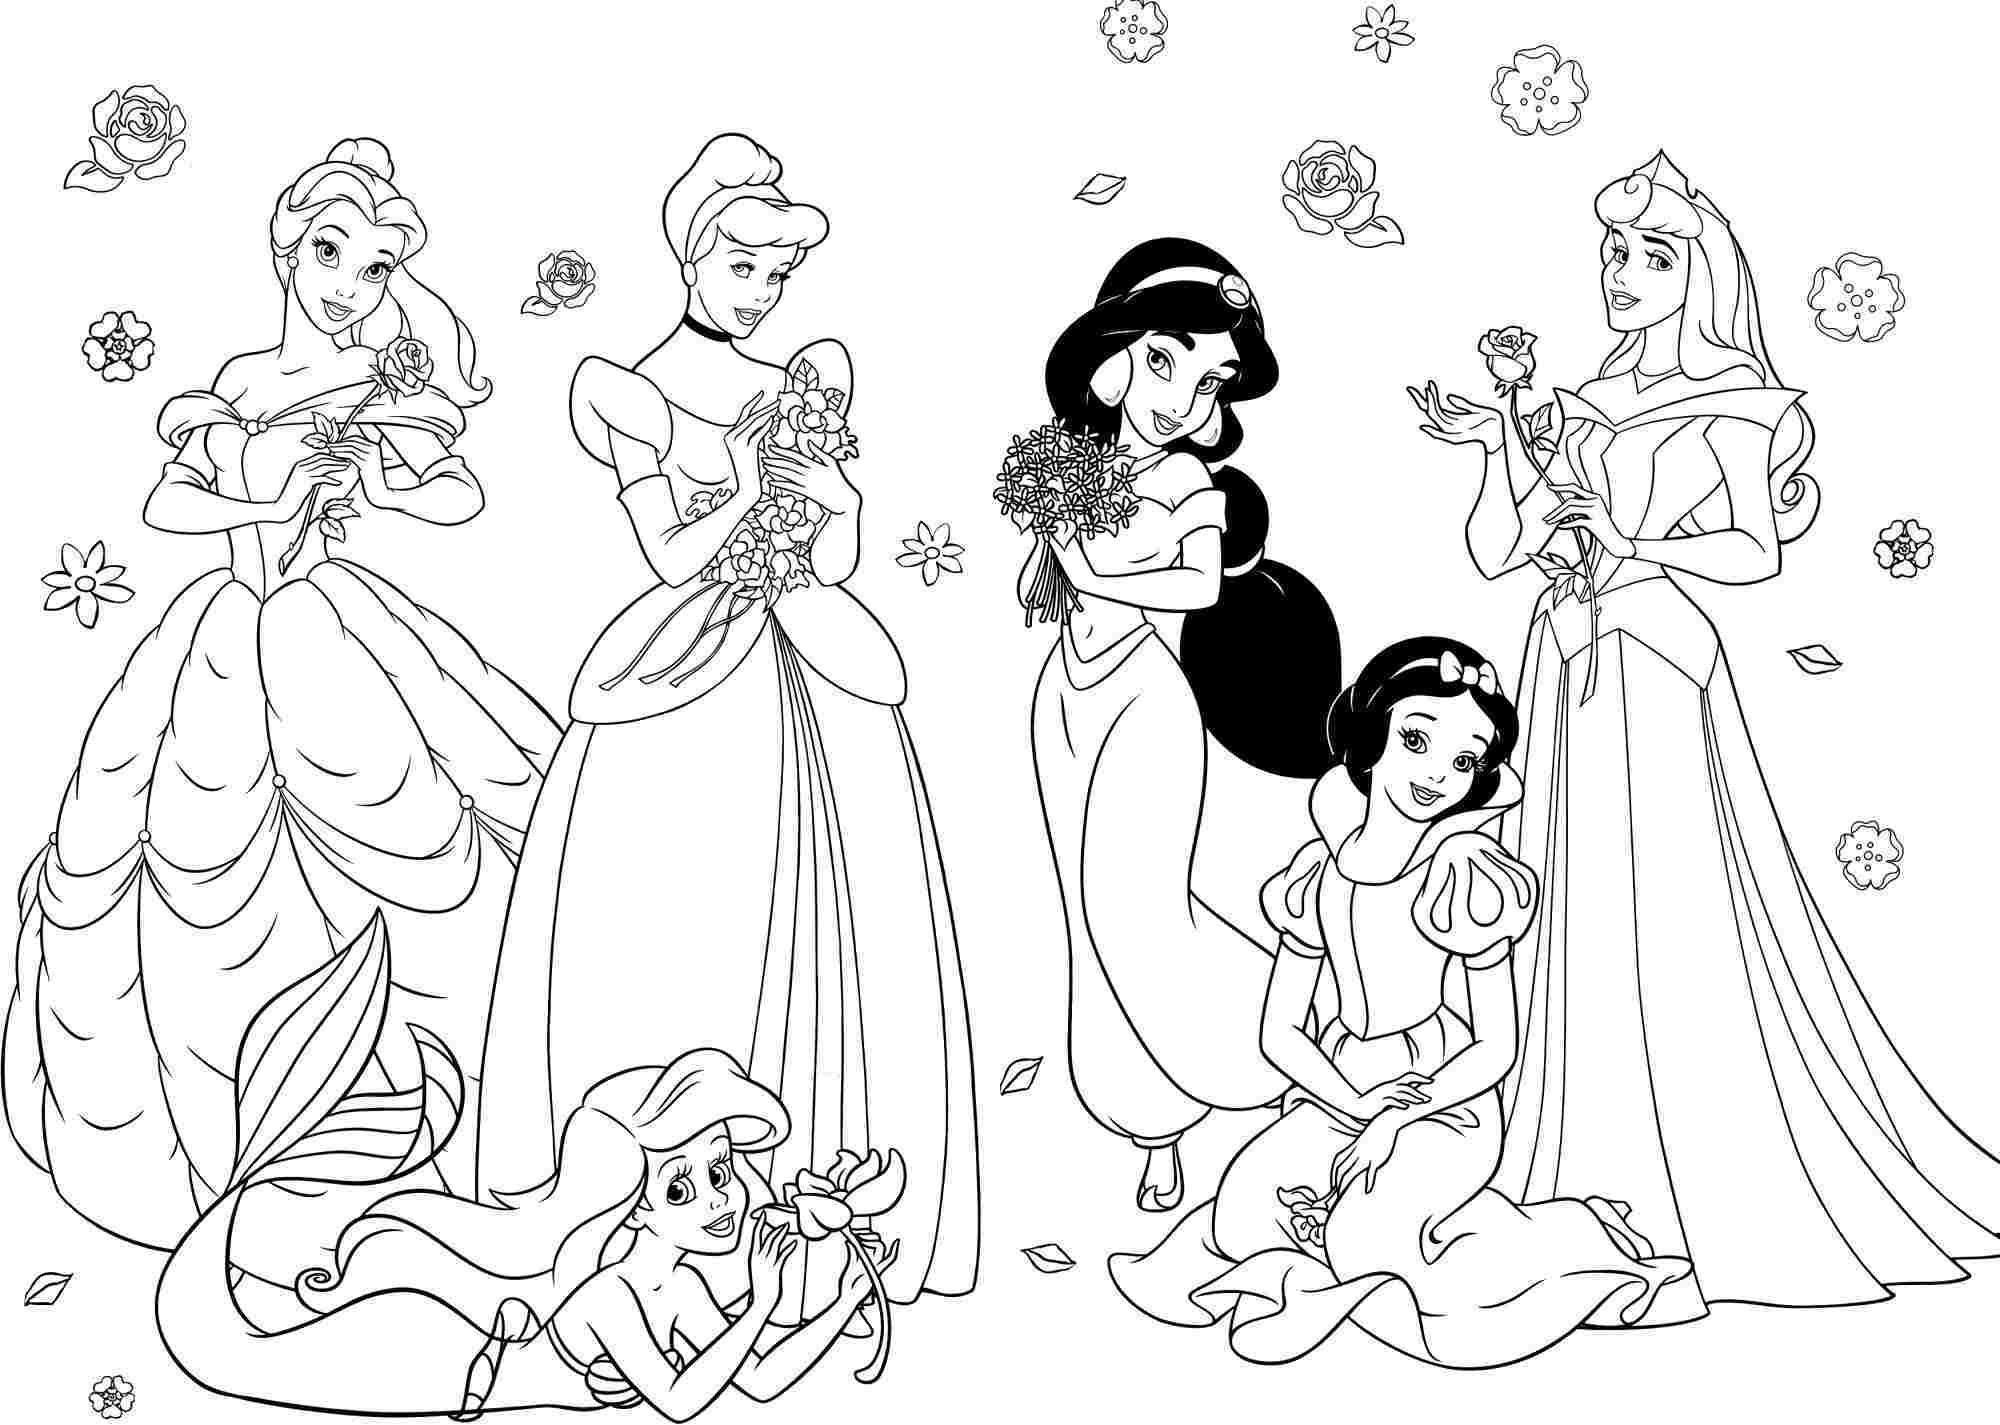 Dibujos Para Colorear Disney Colorear Dibujos Disney Dibujos De